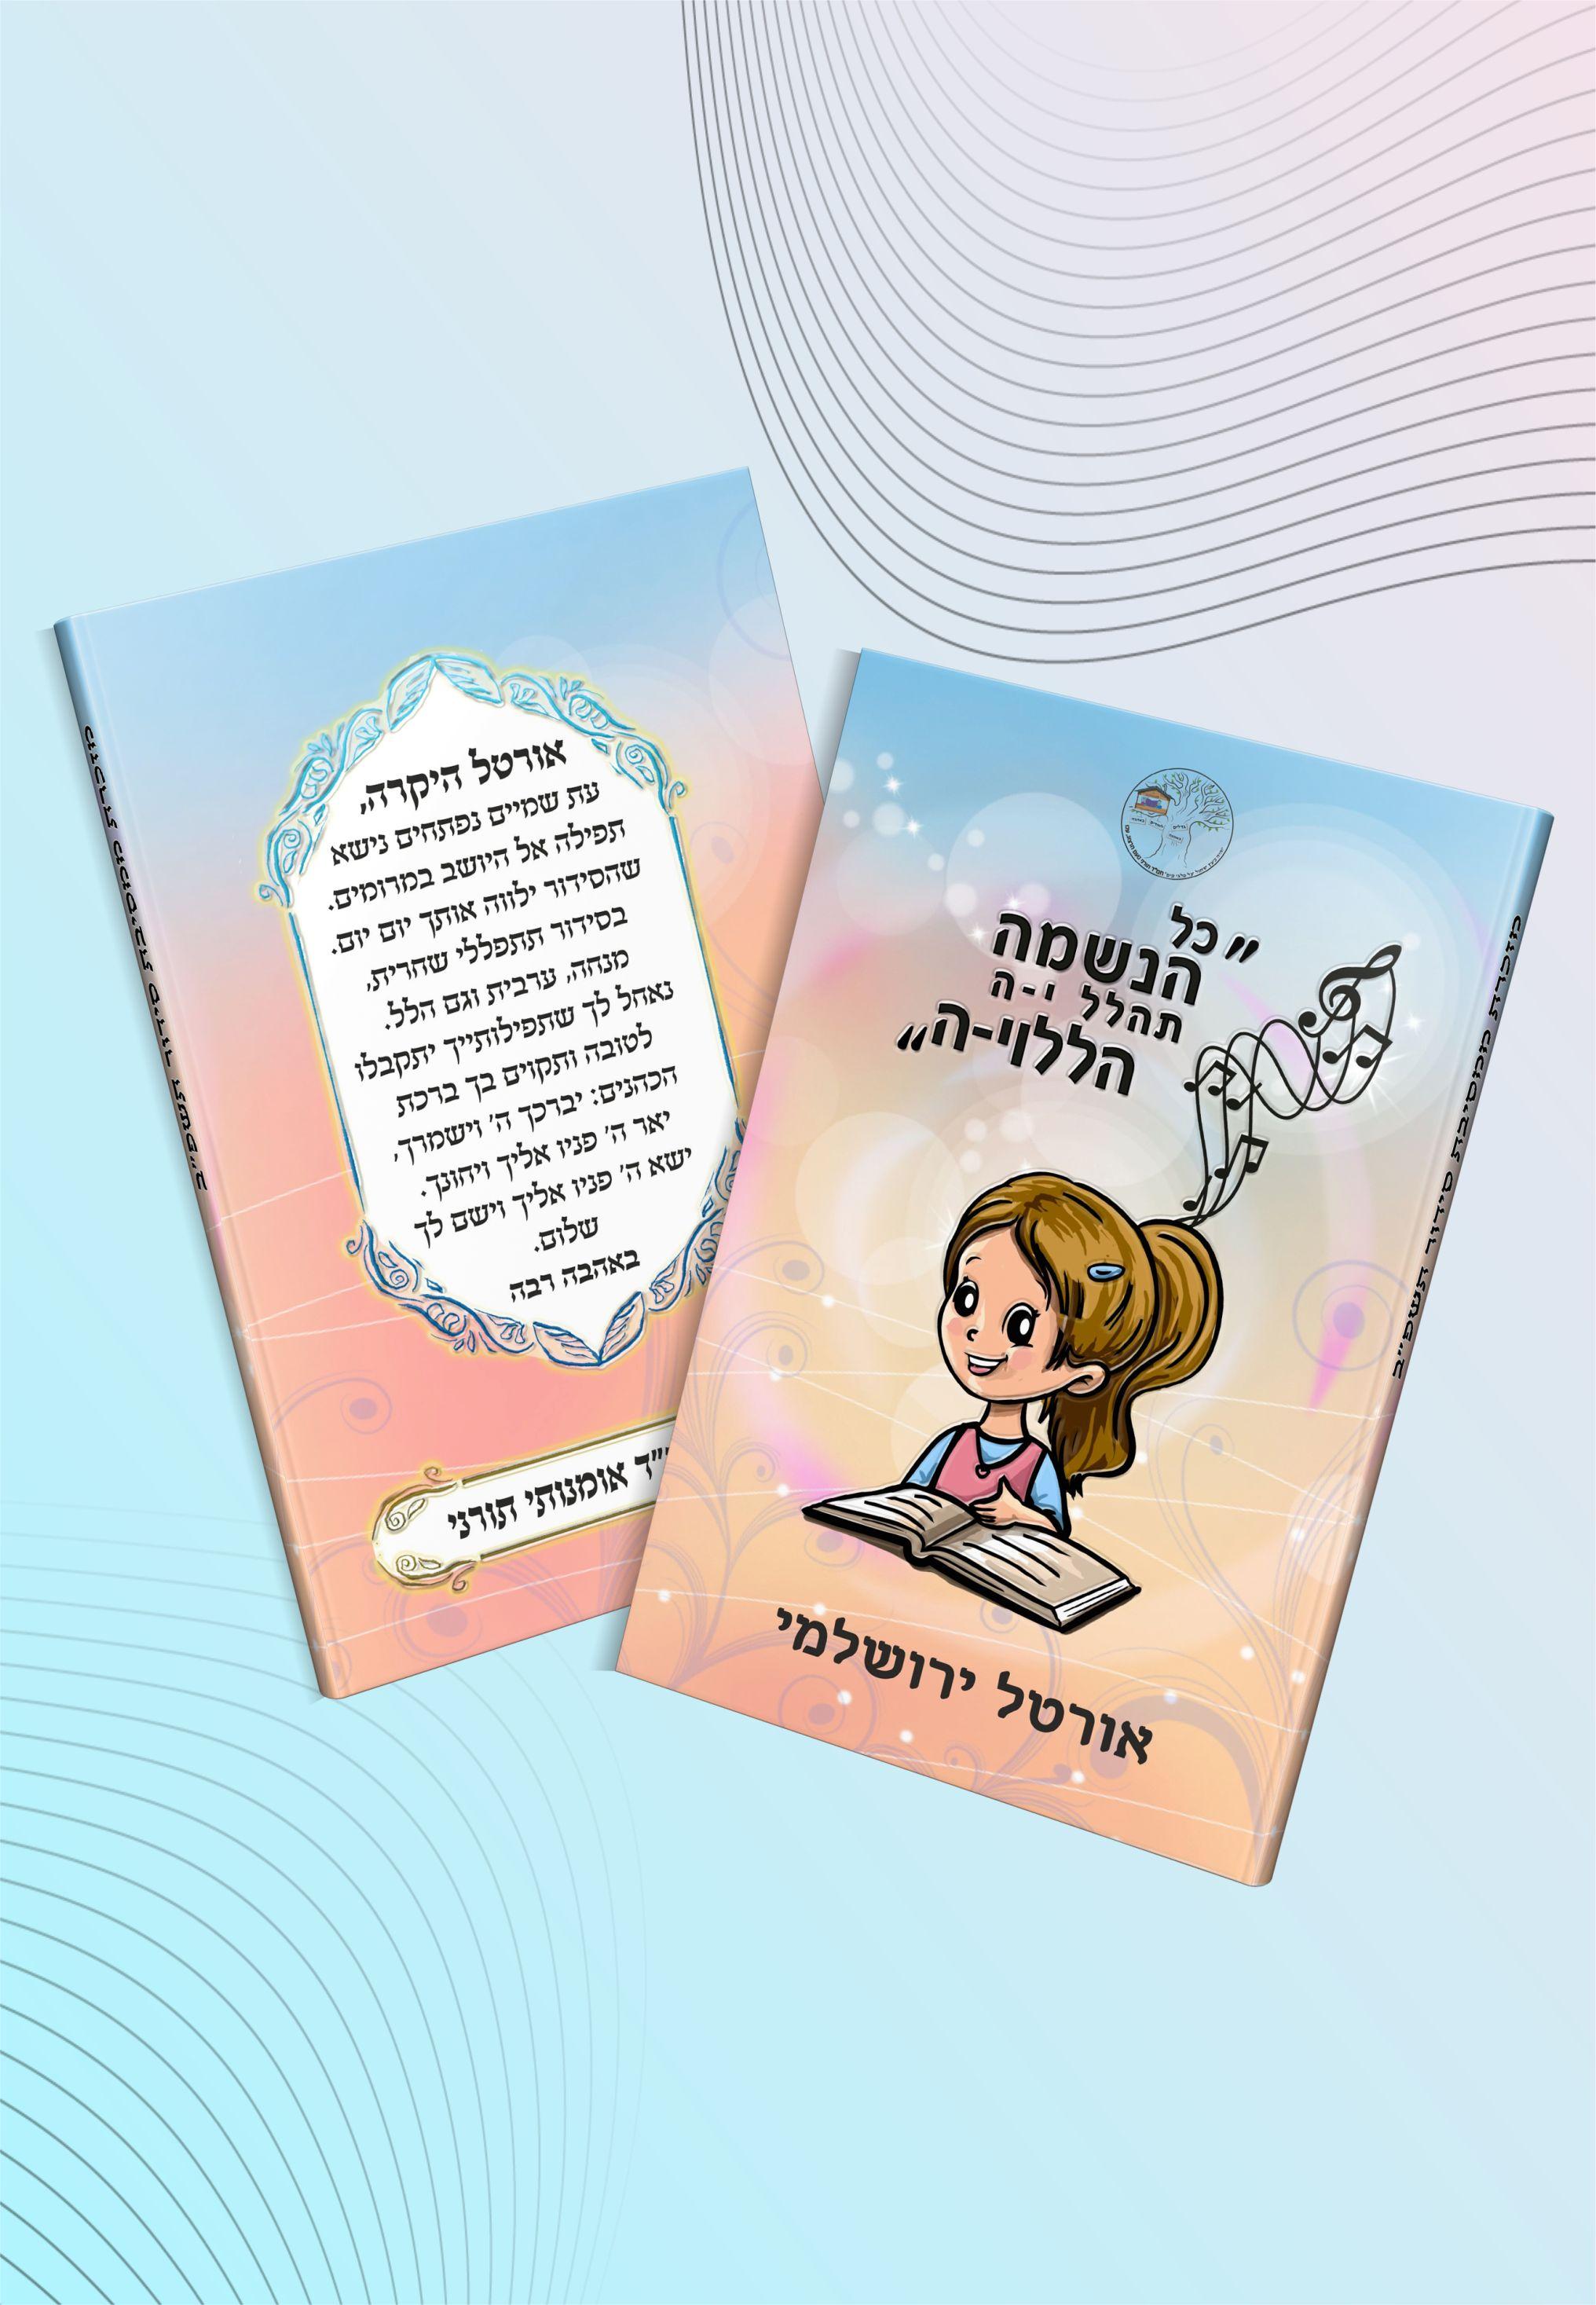 עטיפות לסידור עטיפה לסידור הדפס הכותל בשני צידי הספר אפשרות להקדשה אישית